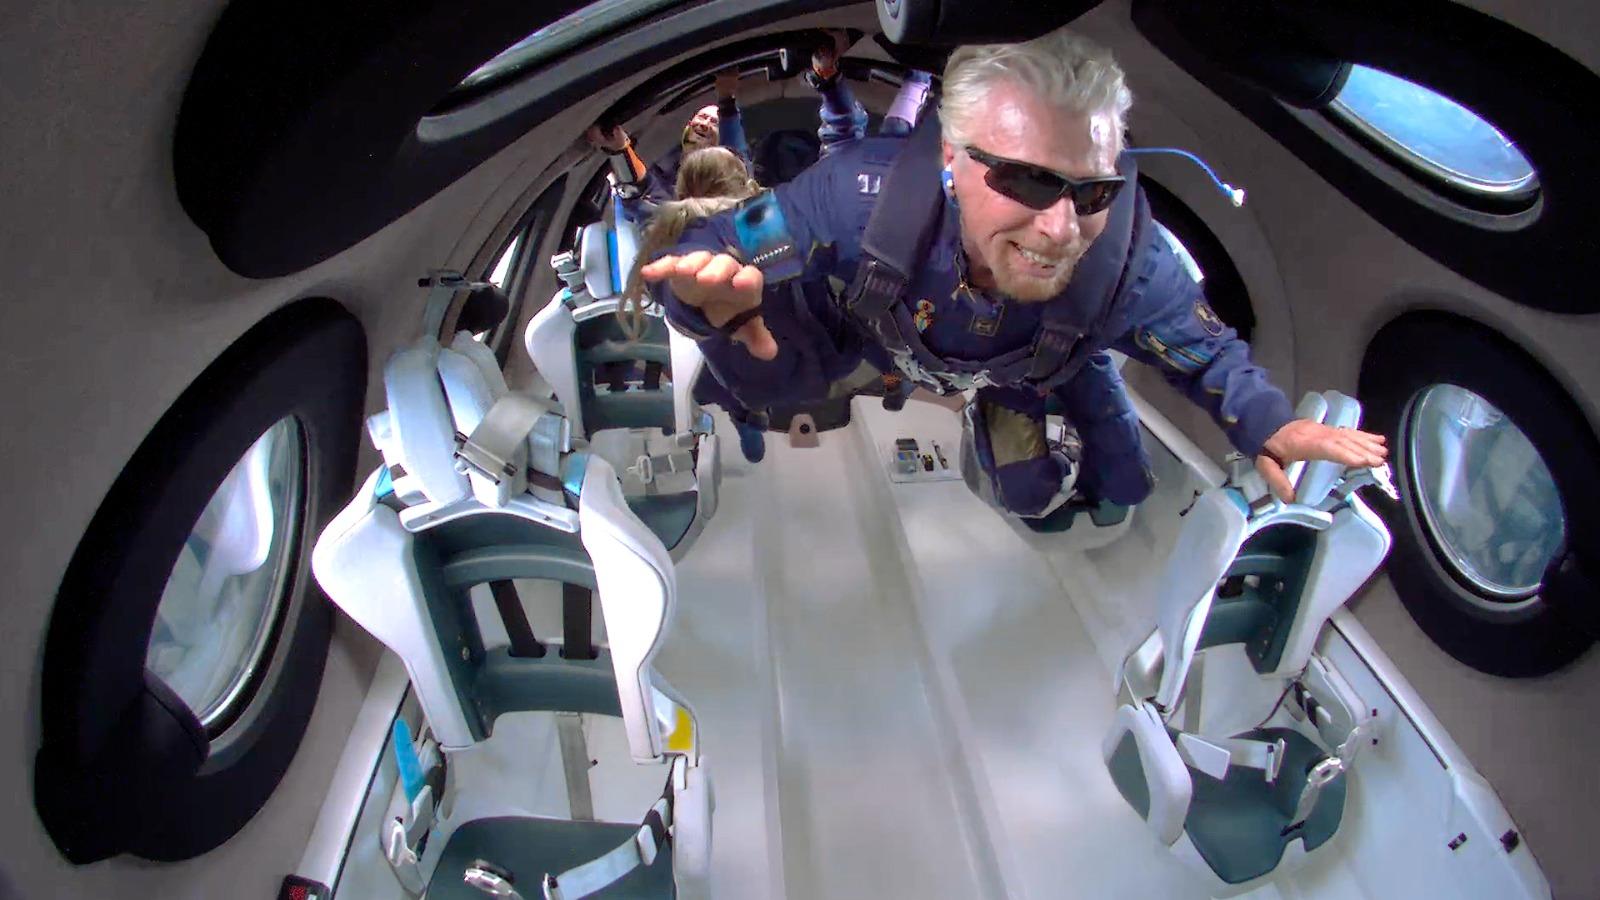 ヴァージン創業者の初飛行が開く、宇宙旅行時代の扉